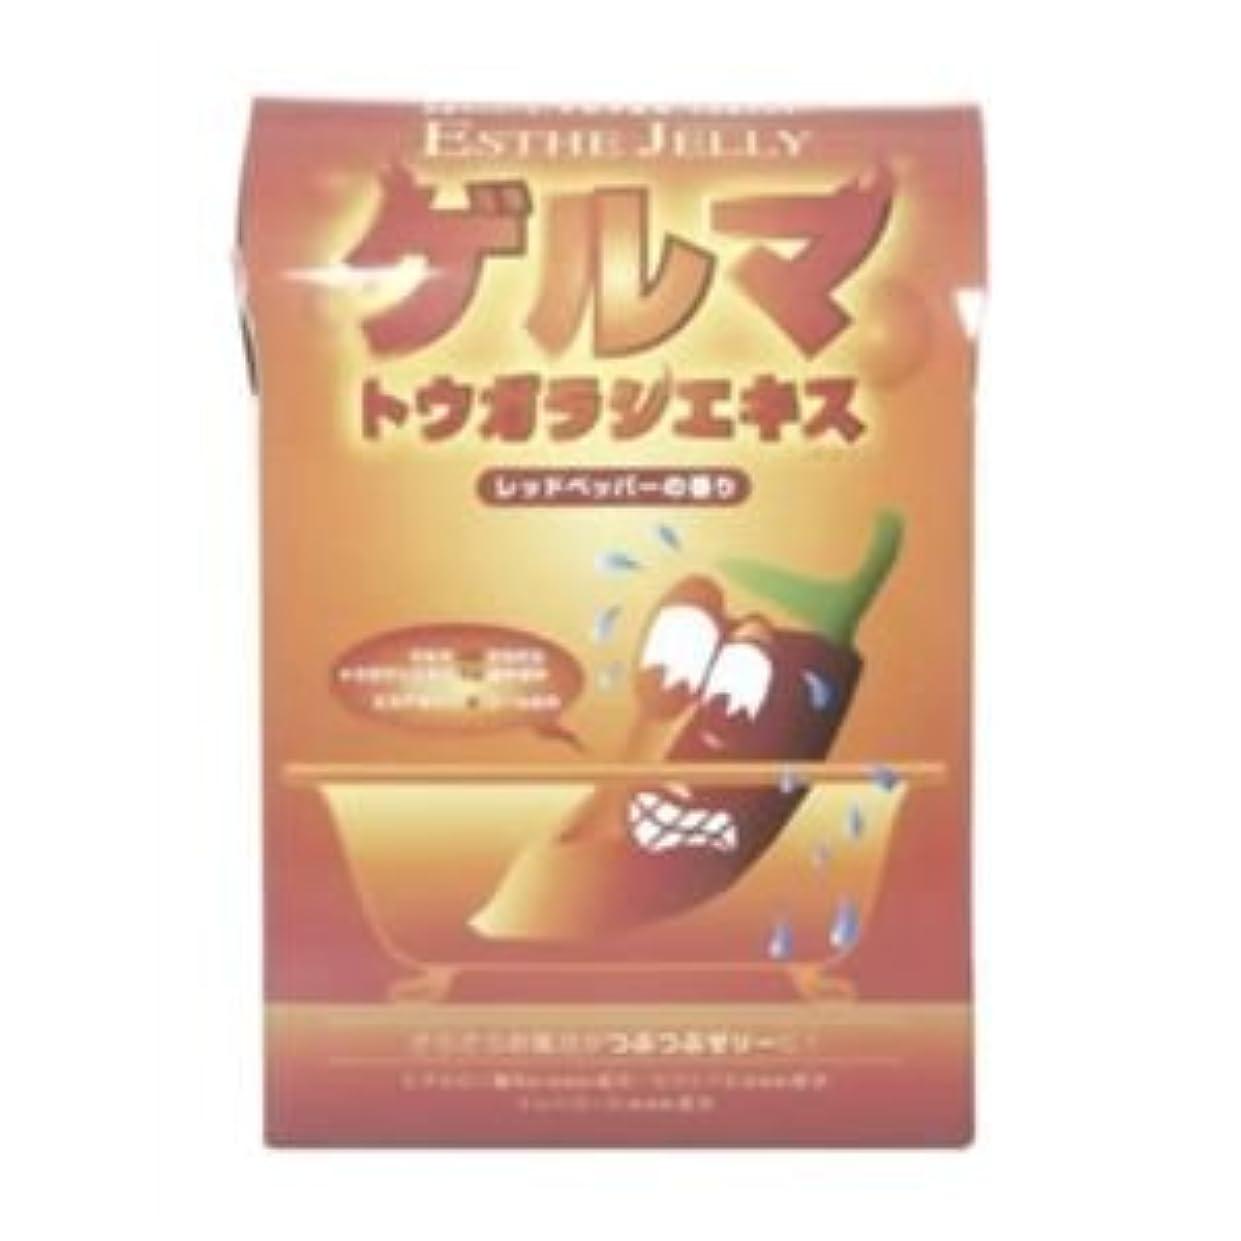 カーフ破壊するマナーエステゼリー ゲルマ レッドペッパーの香り 【2セット】